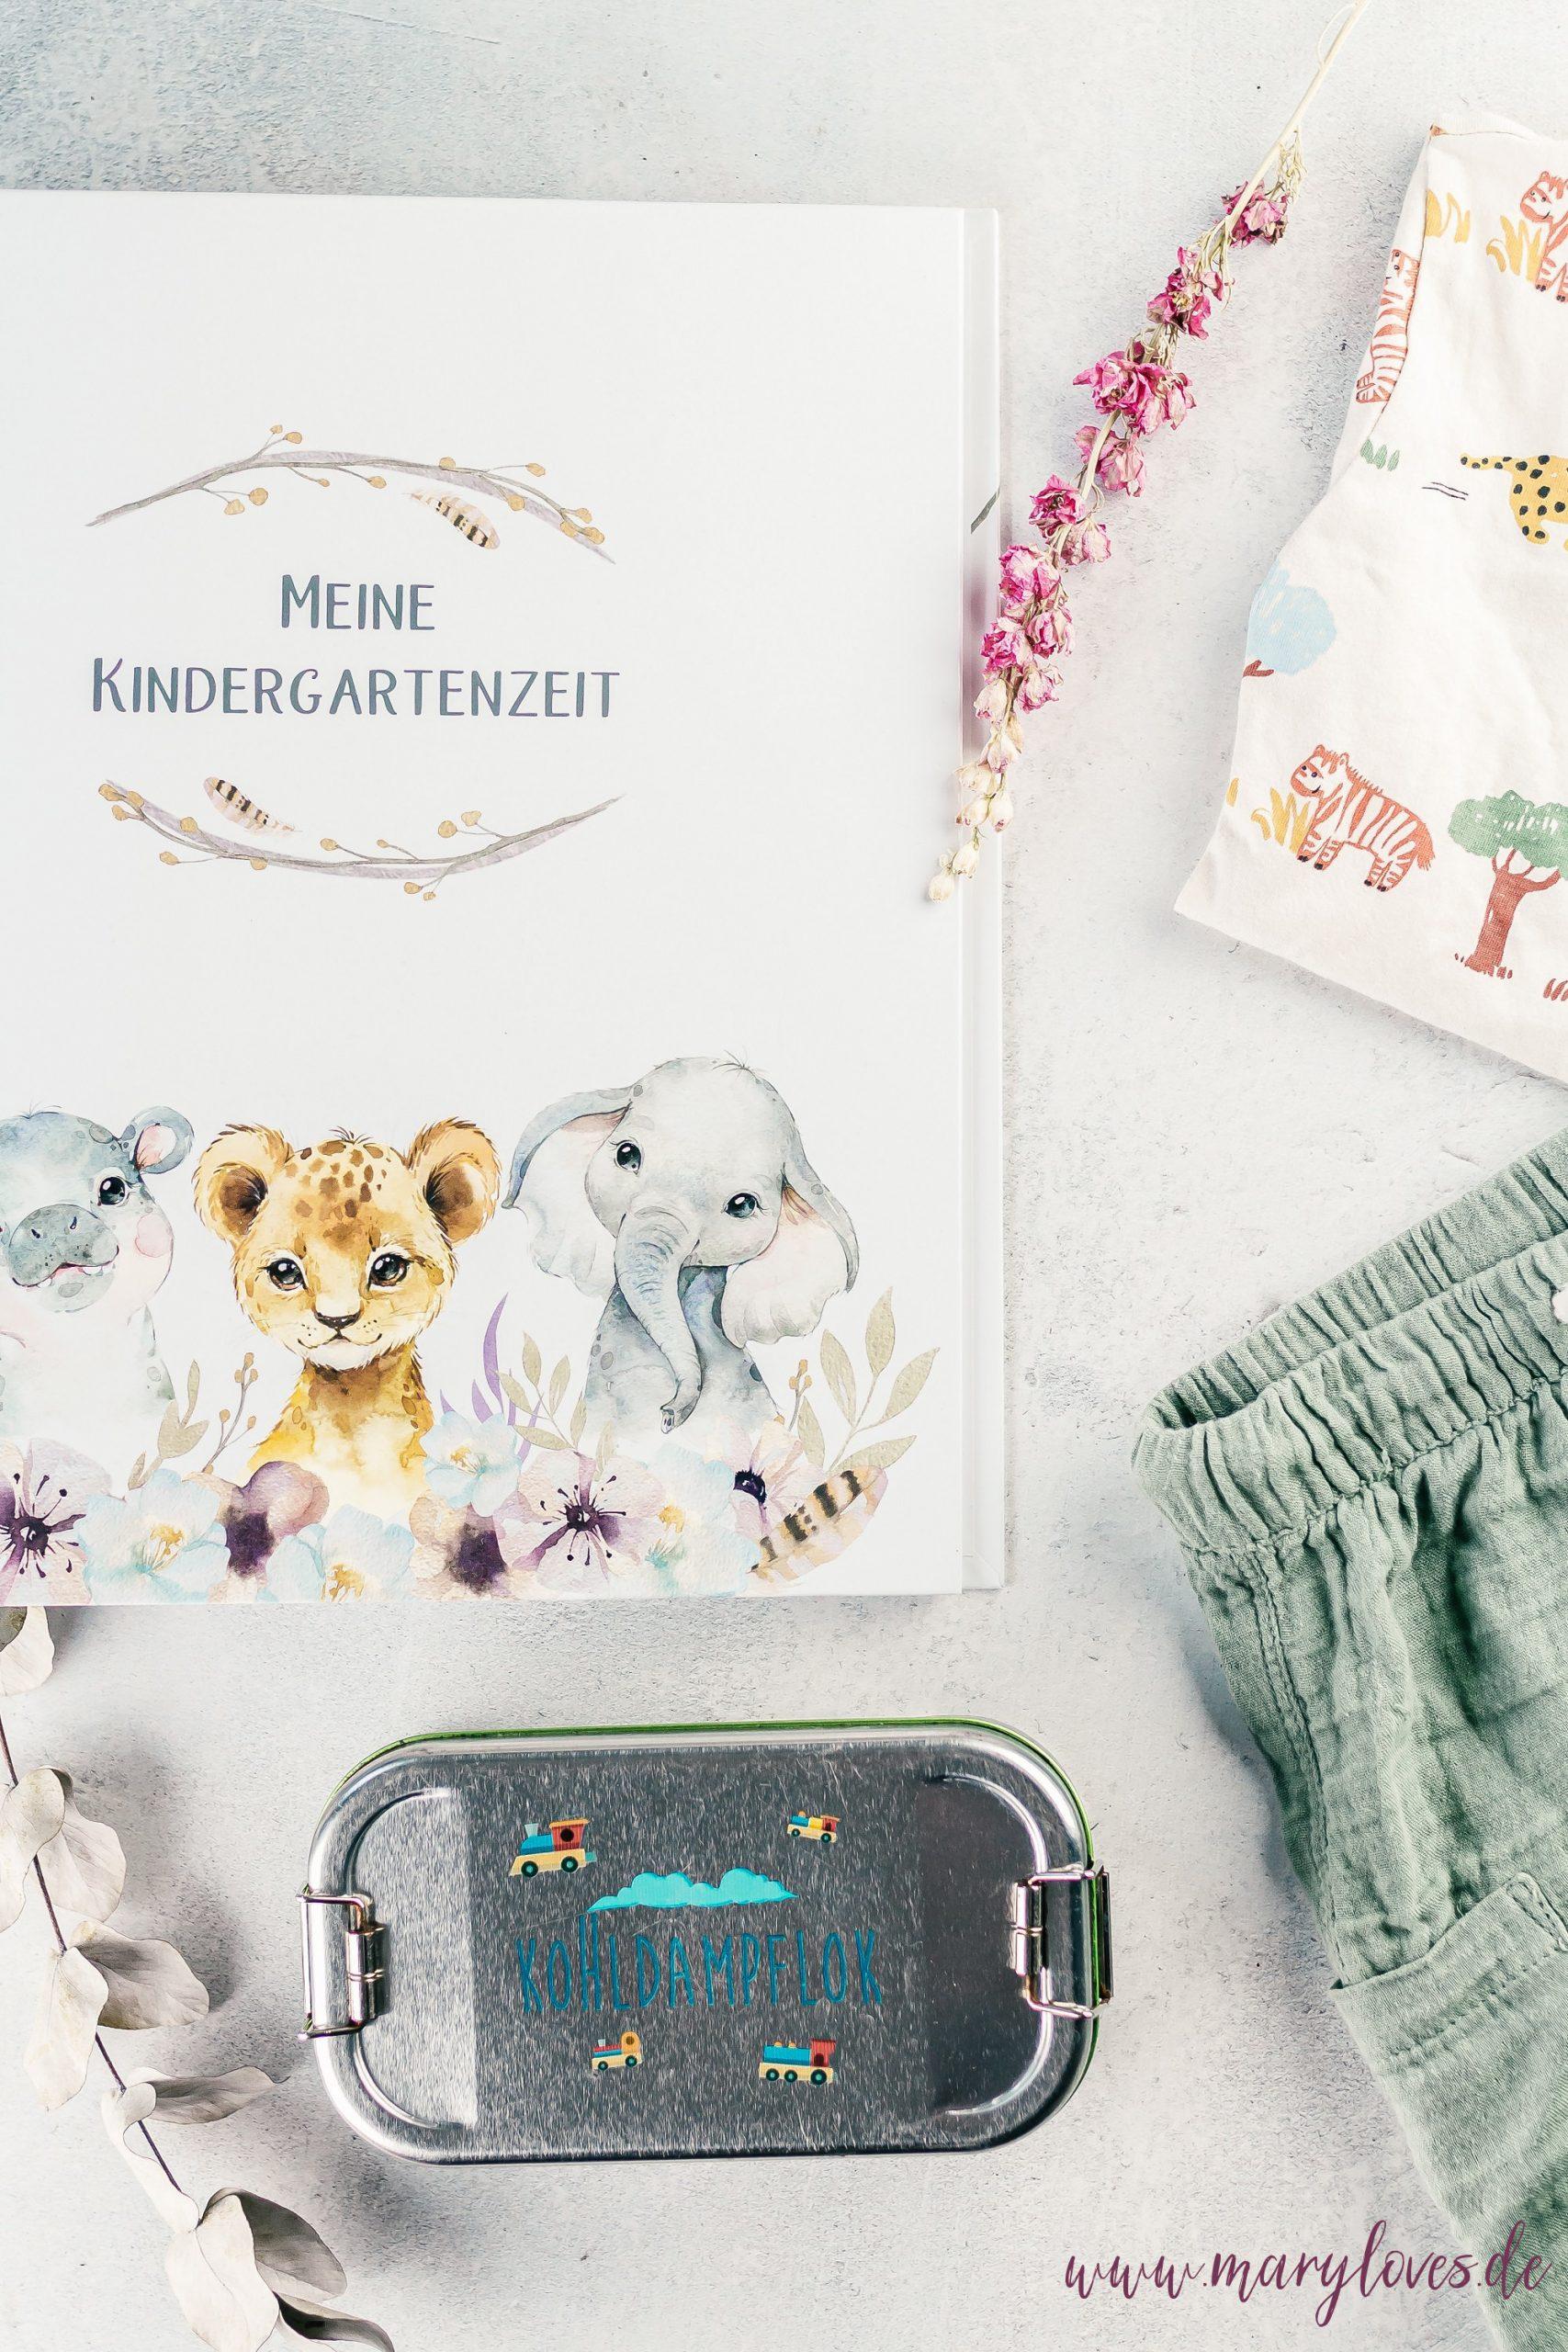 Kindergartenzeit: Alles für den Start in den Kindergarten